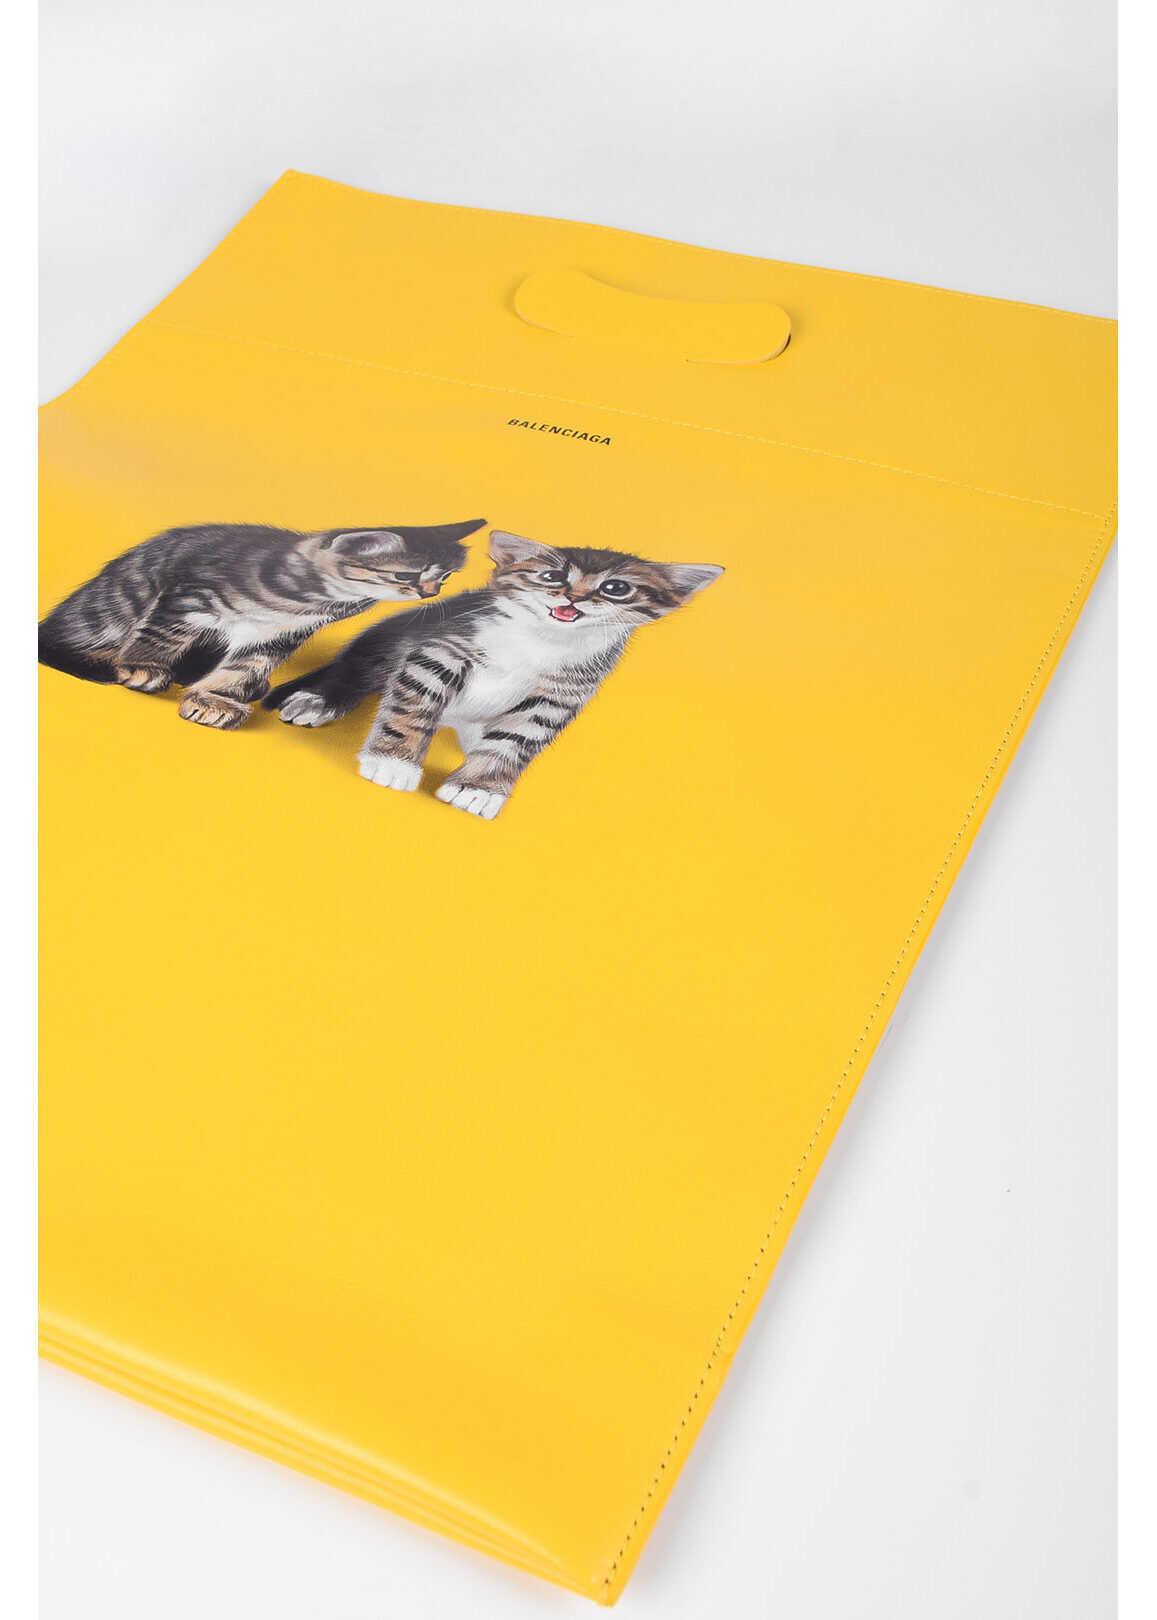 Balenciaga Leather KITTEN SUPERMARKET Tote Bag YELLOW